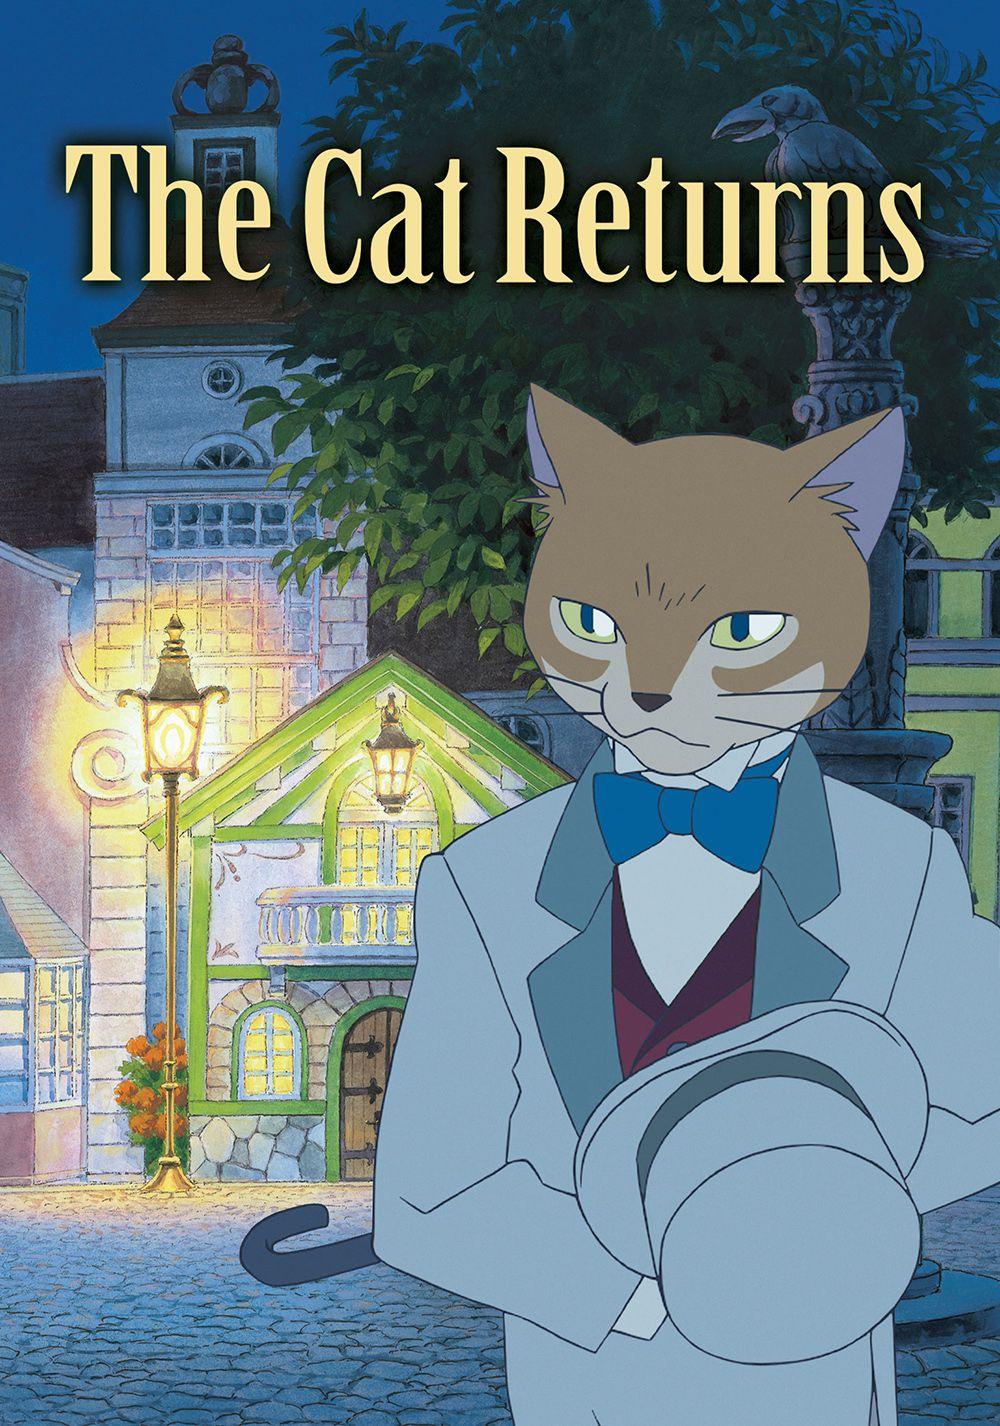 thecatreturns52e92d4943d15.jpg (1000×1426) The cat